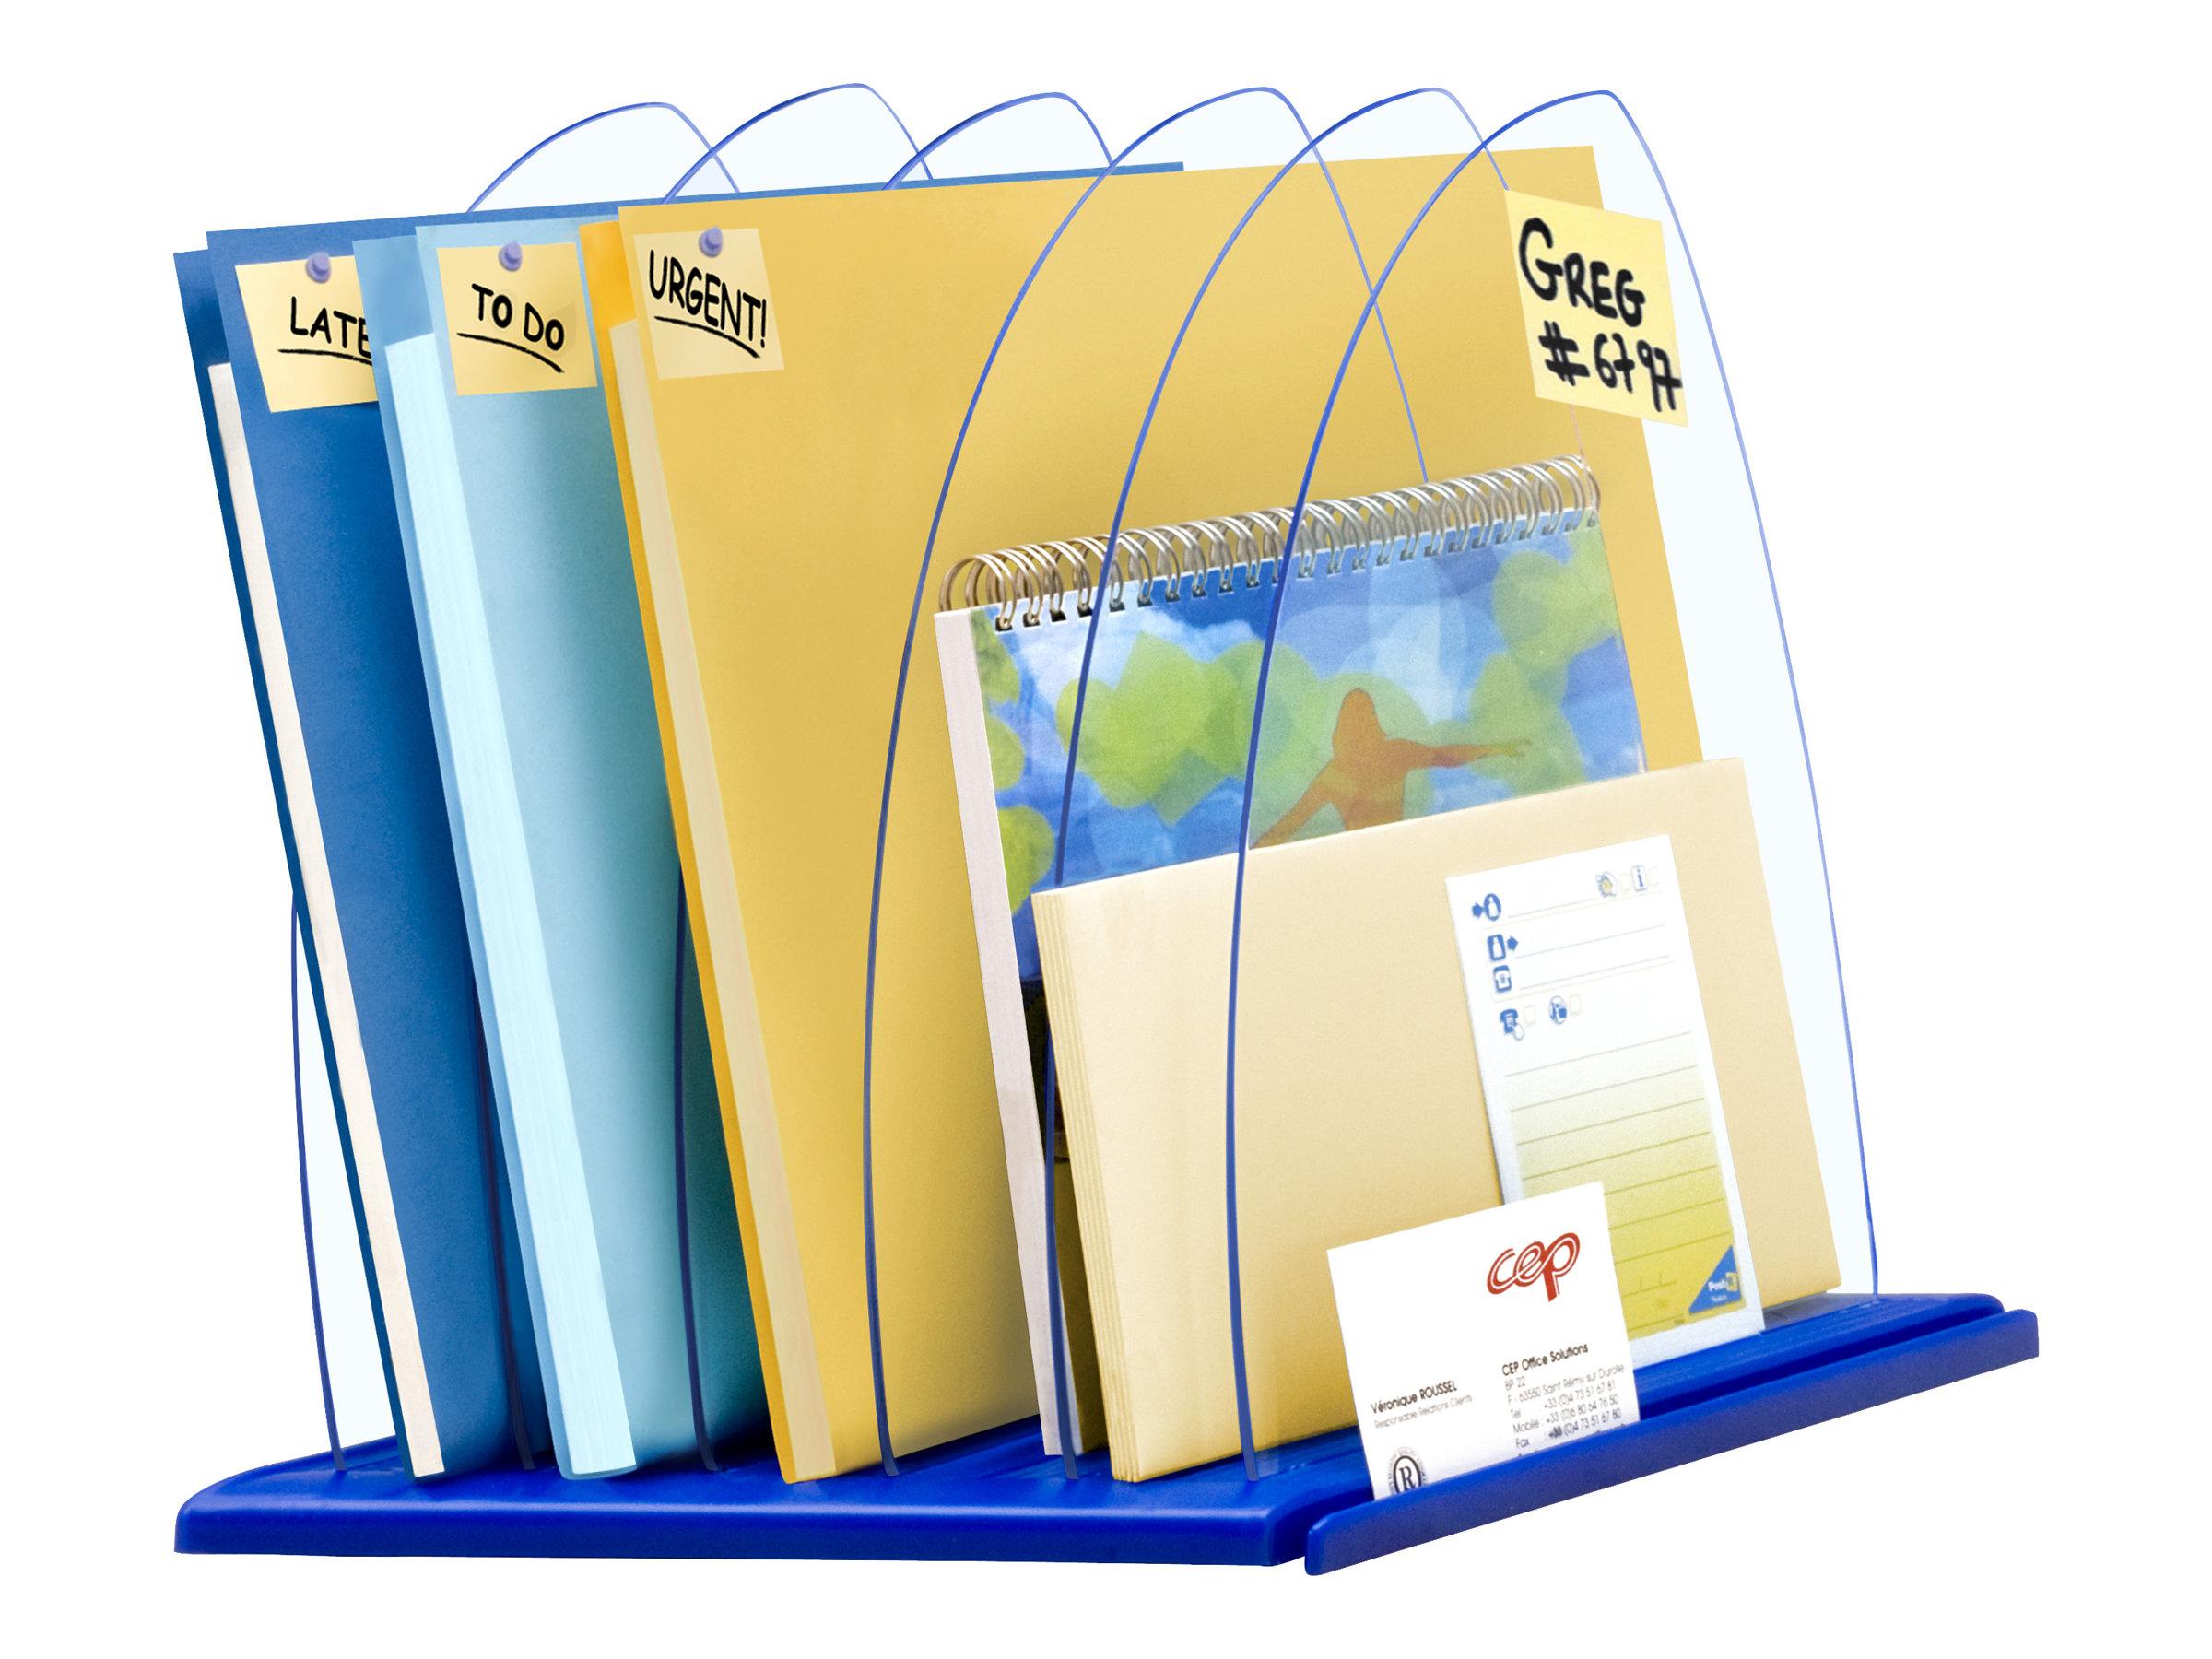 CEP Ice Blue 816 Ice - trieur